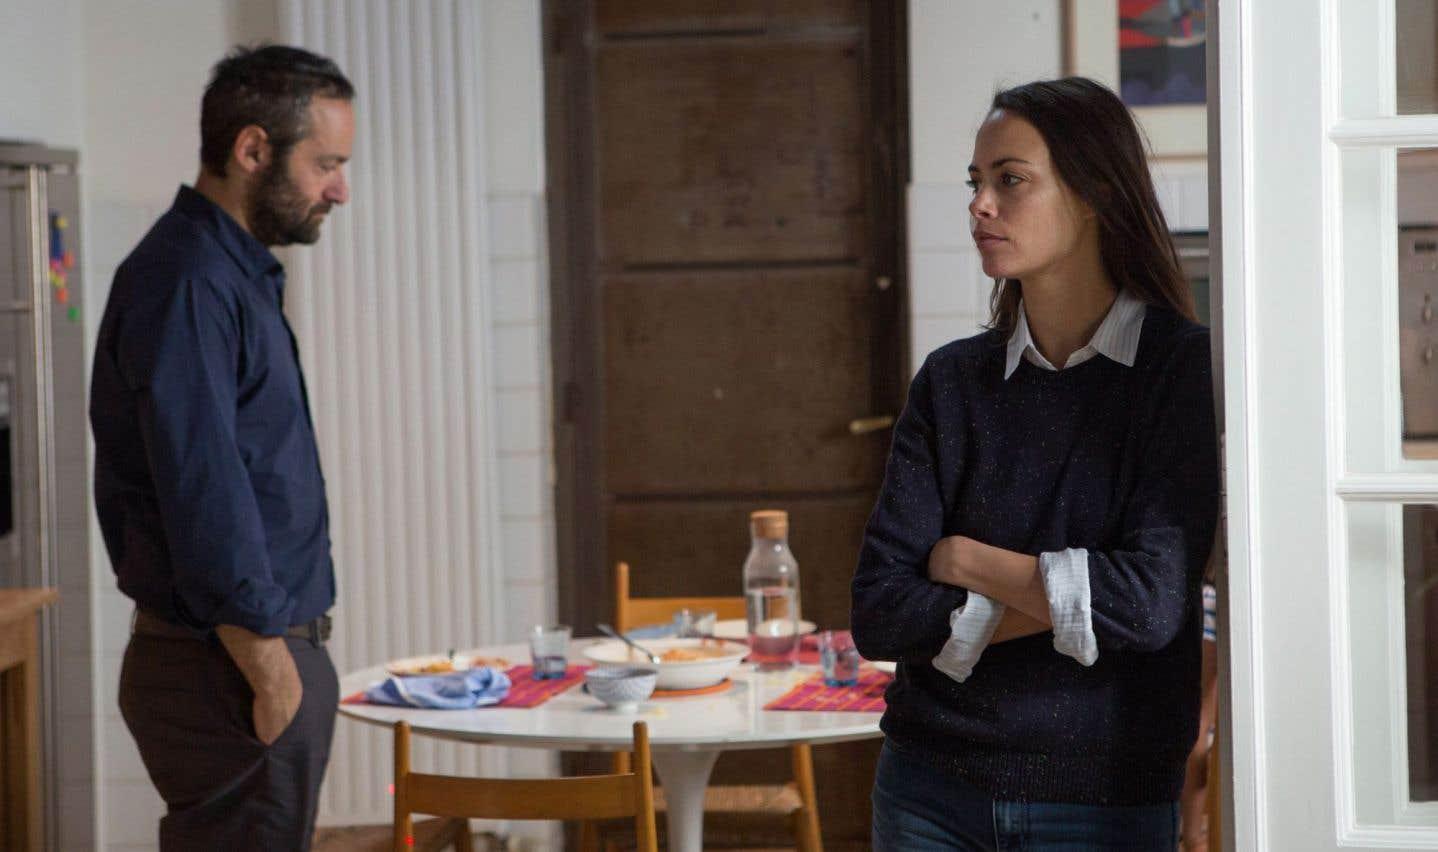 Bérénice Béjo et Cédric Kahn sont en vedette dans le nouveau film du cinéaste français Joachim Lafosse.